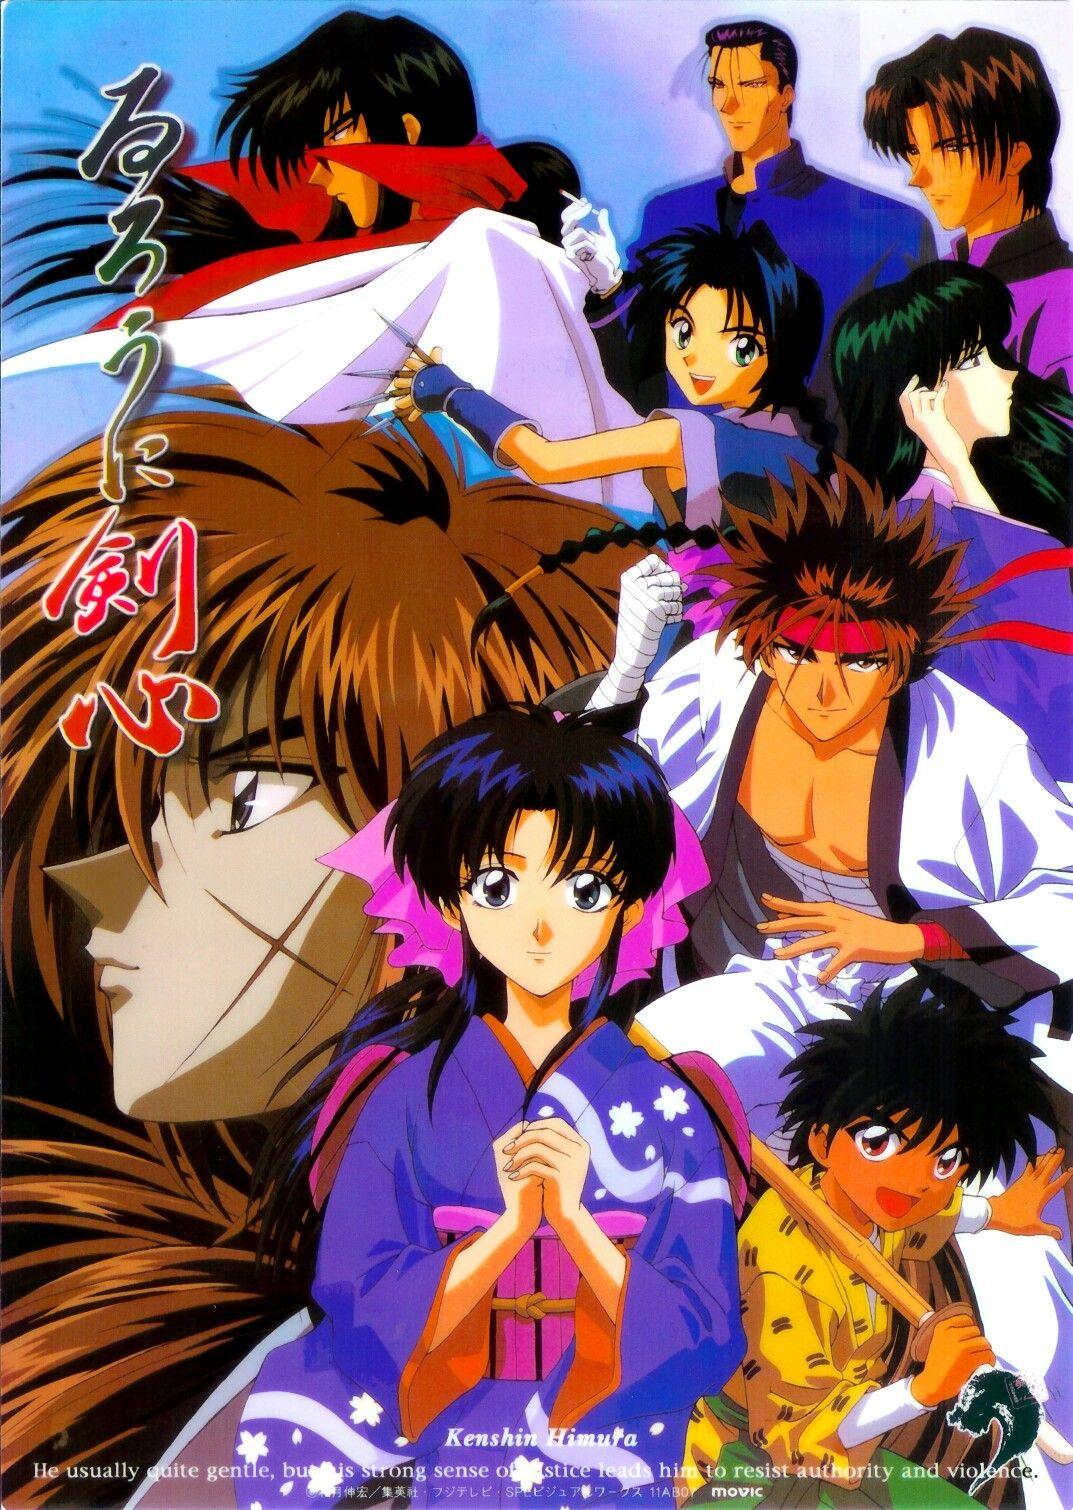 Pin de Alaya Conaway en Animes Anime, Personajes, Favoritos